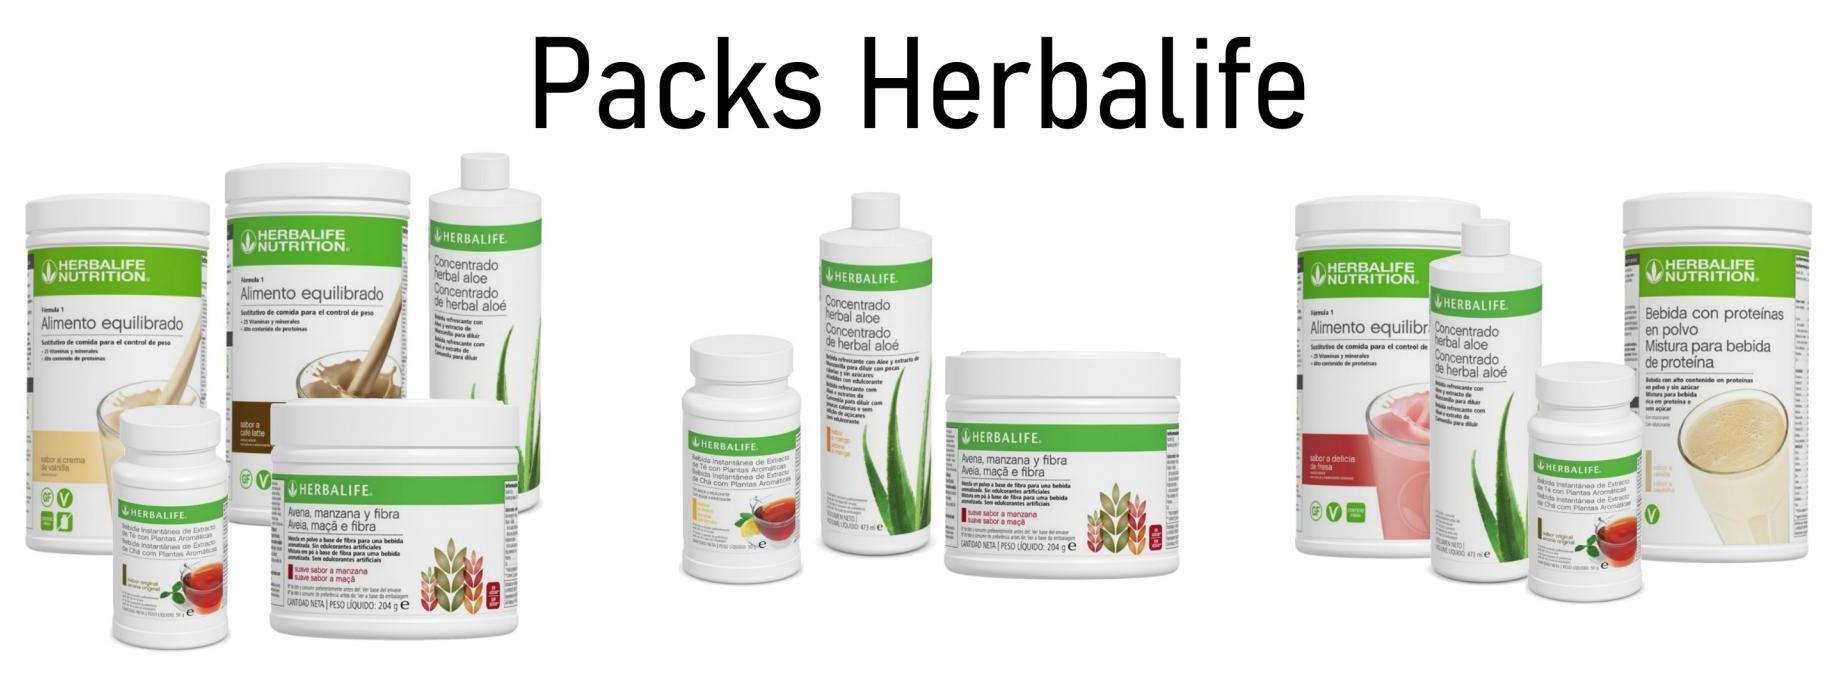 Packs Herbalife